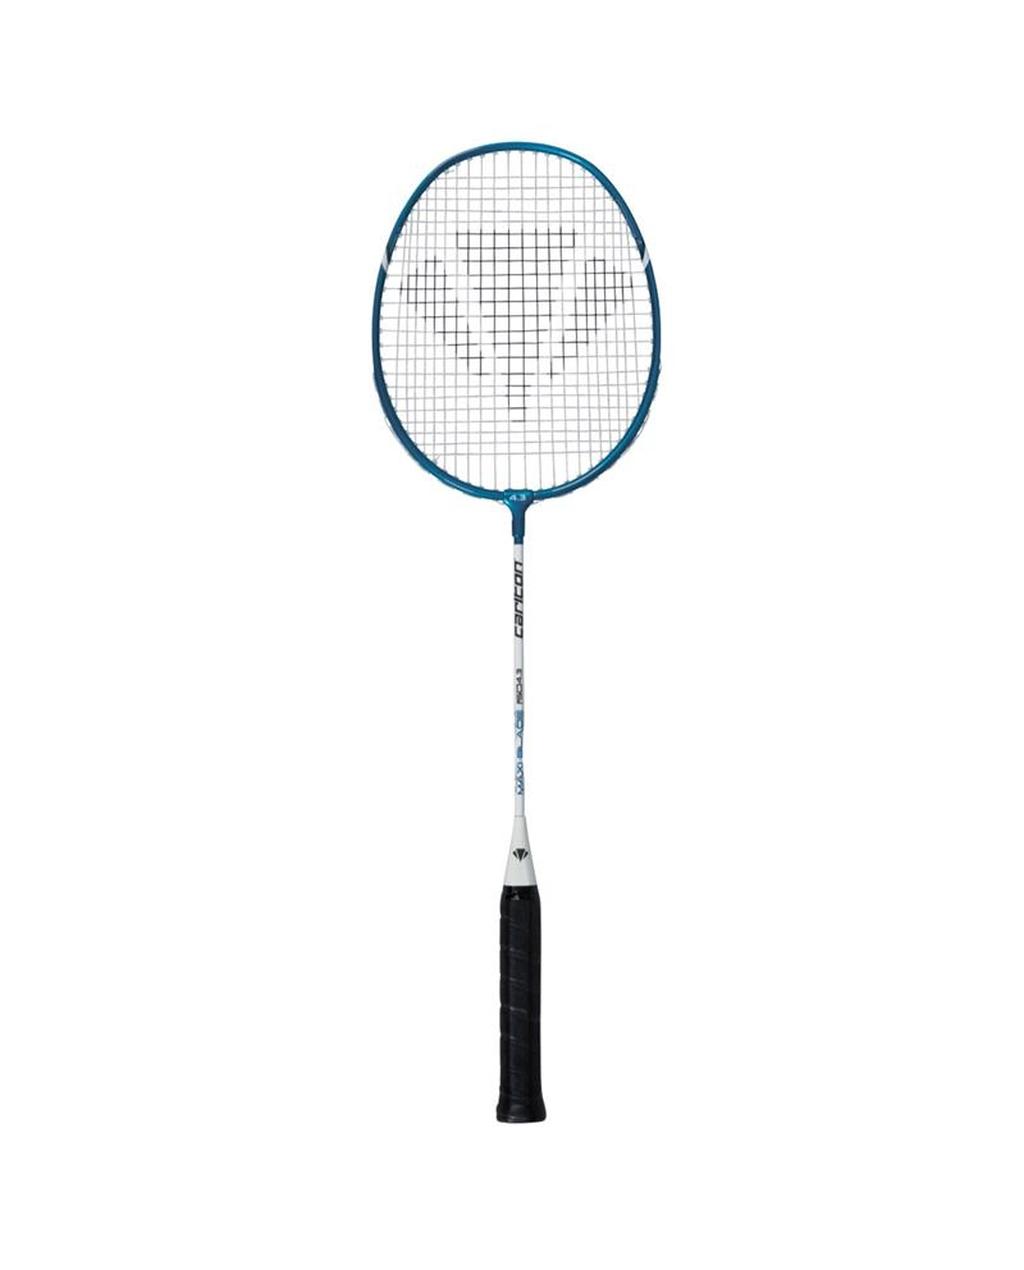 Carlton Blade Badminton Racket Maxi